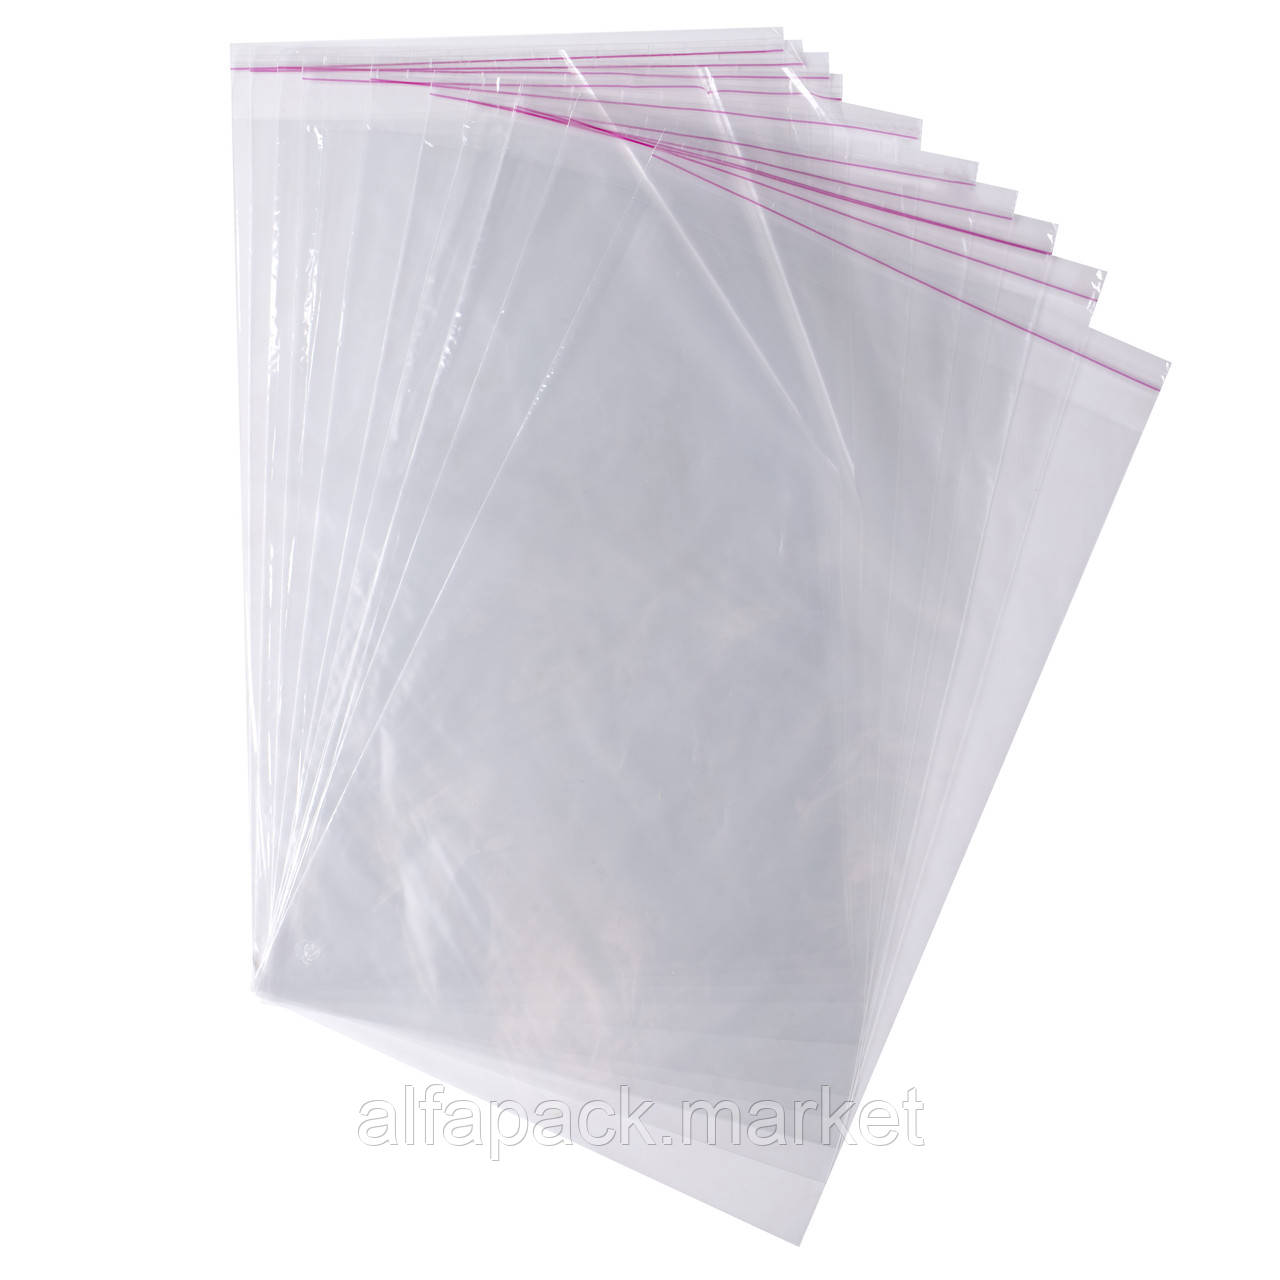 Пакет полипропиленовый с липкой лентой и отверстием 280*550 (1000 шт в упаковке) 030000420